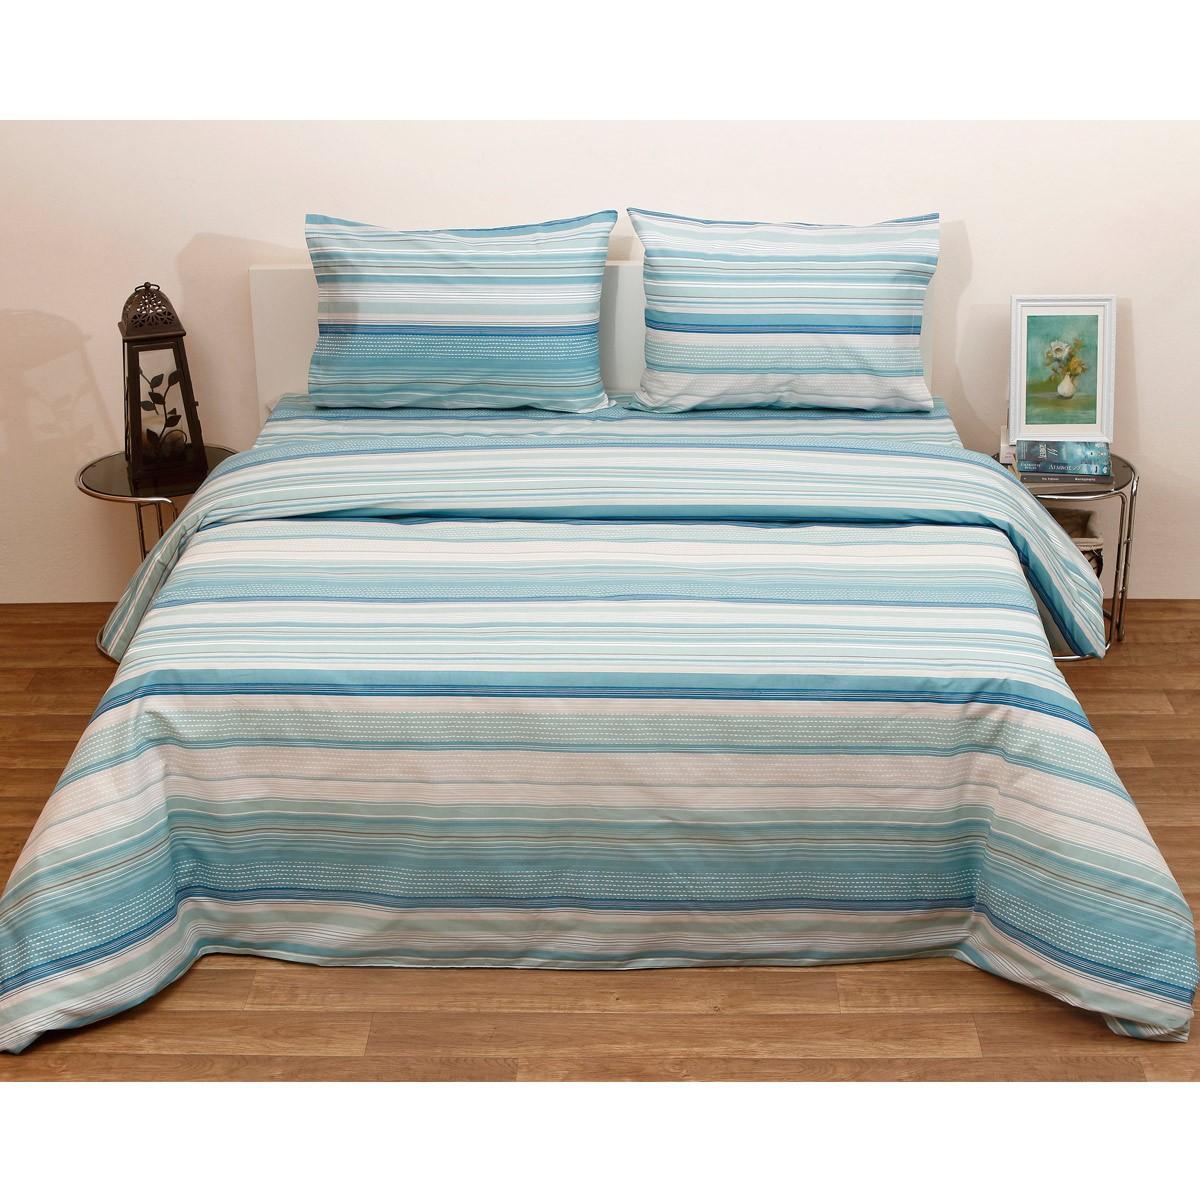 Πάπλωμα Ημίδιπλο (Σετ) Viopros Fresh Γκρέυ Πετρόλ home   κρεβατοκάμαρα   παπλώματα   παπλώματα ημίδιπλα   διπλά